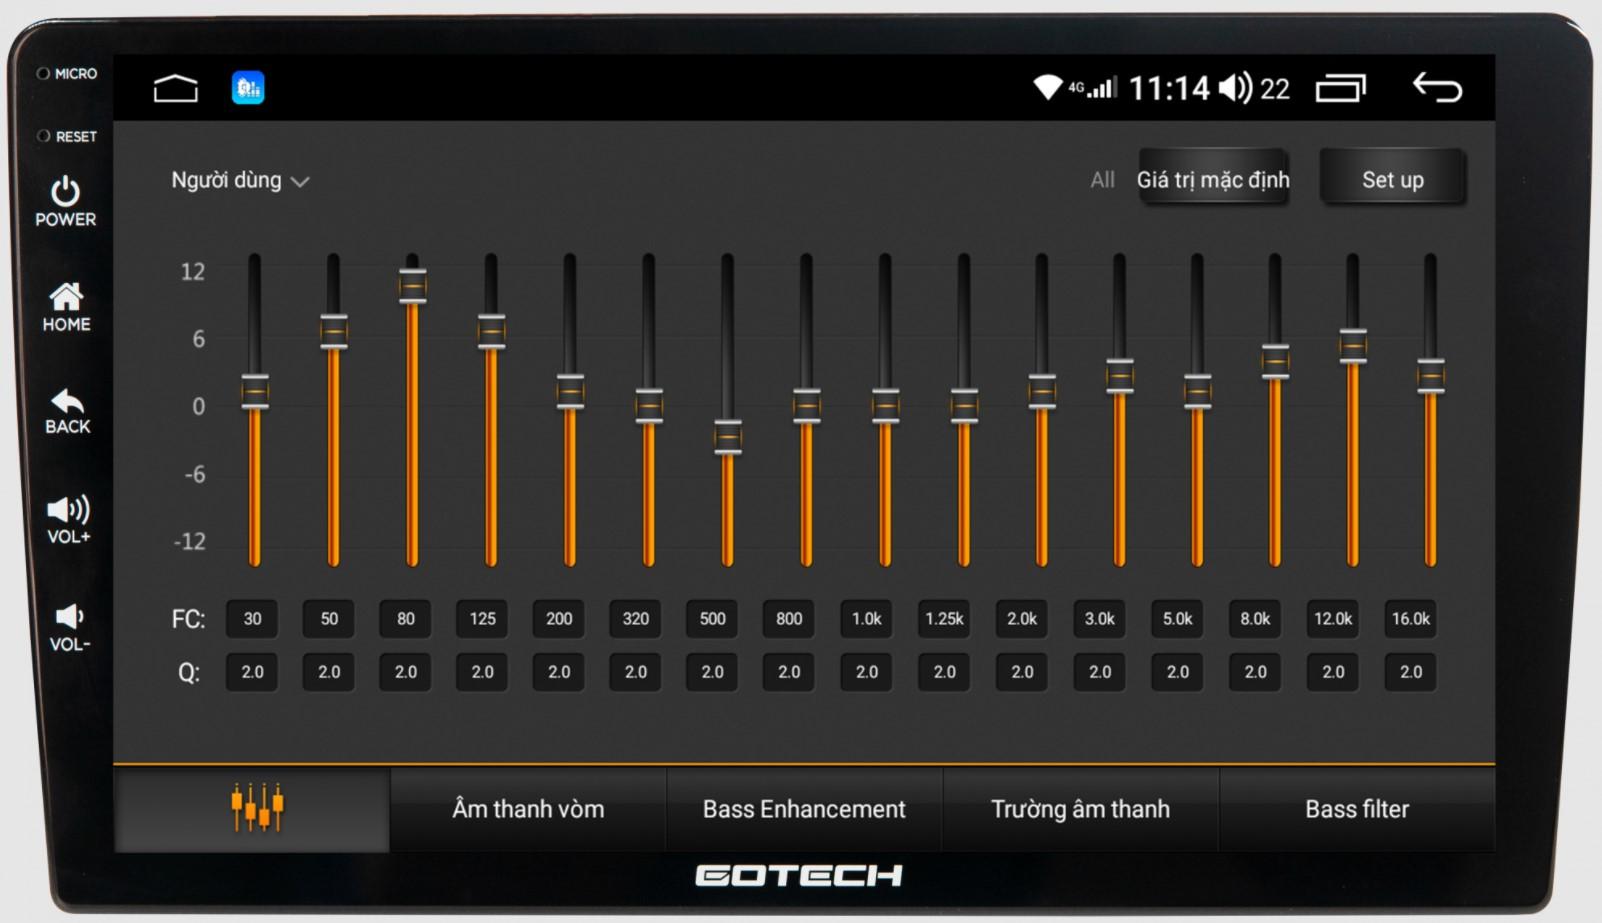 GT6 Mang đến chất lượng âm thanh đỉnh cao